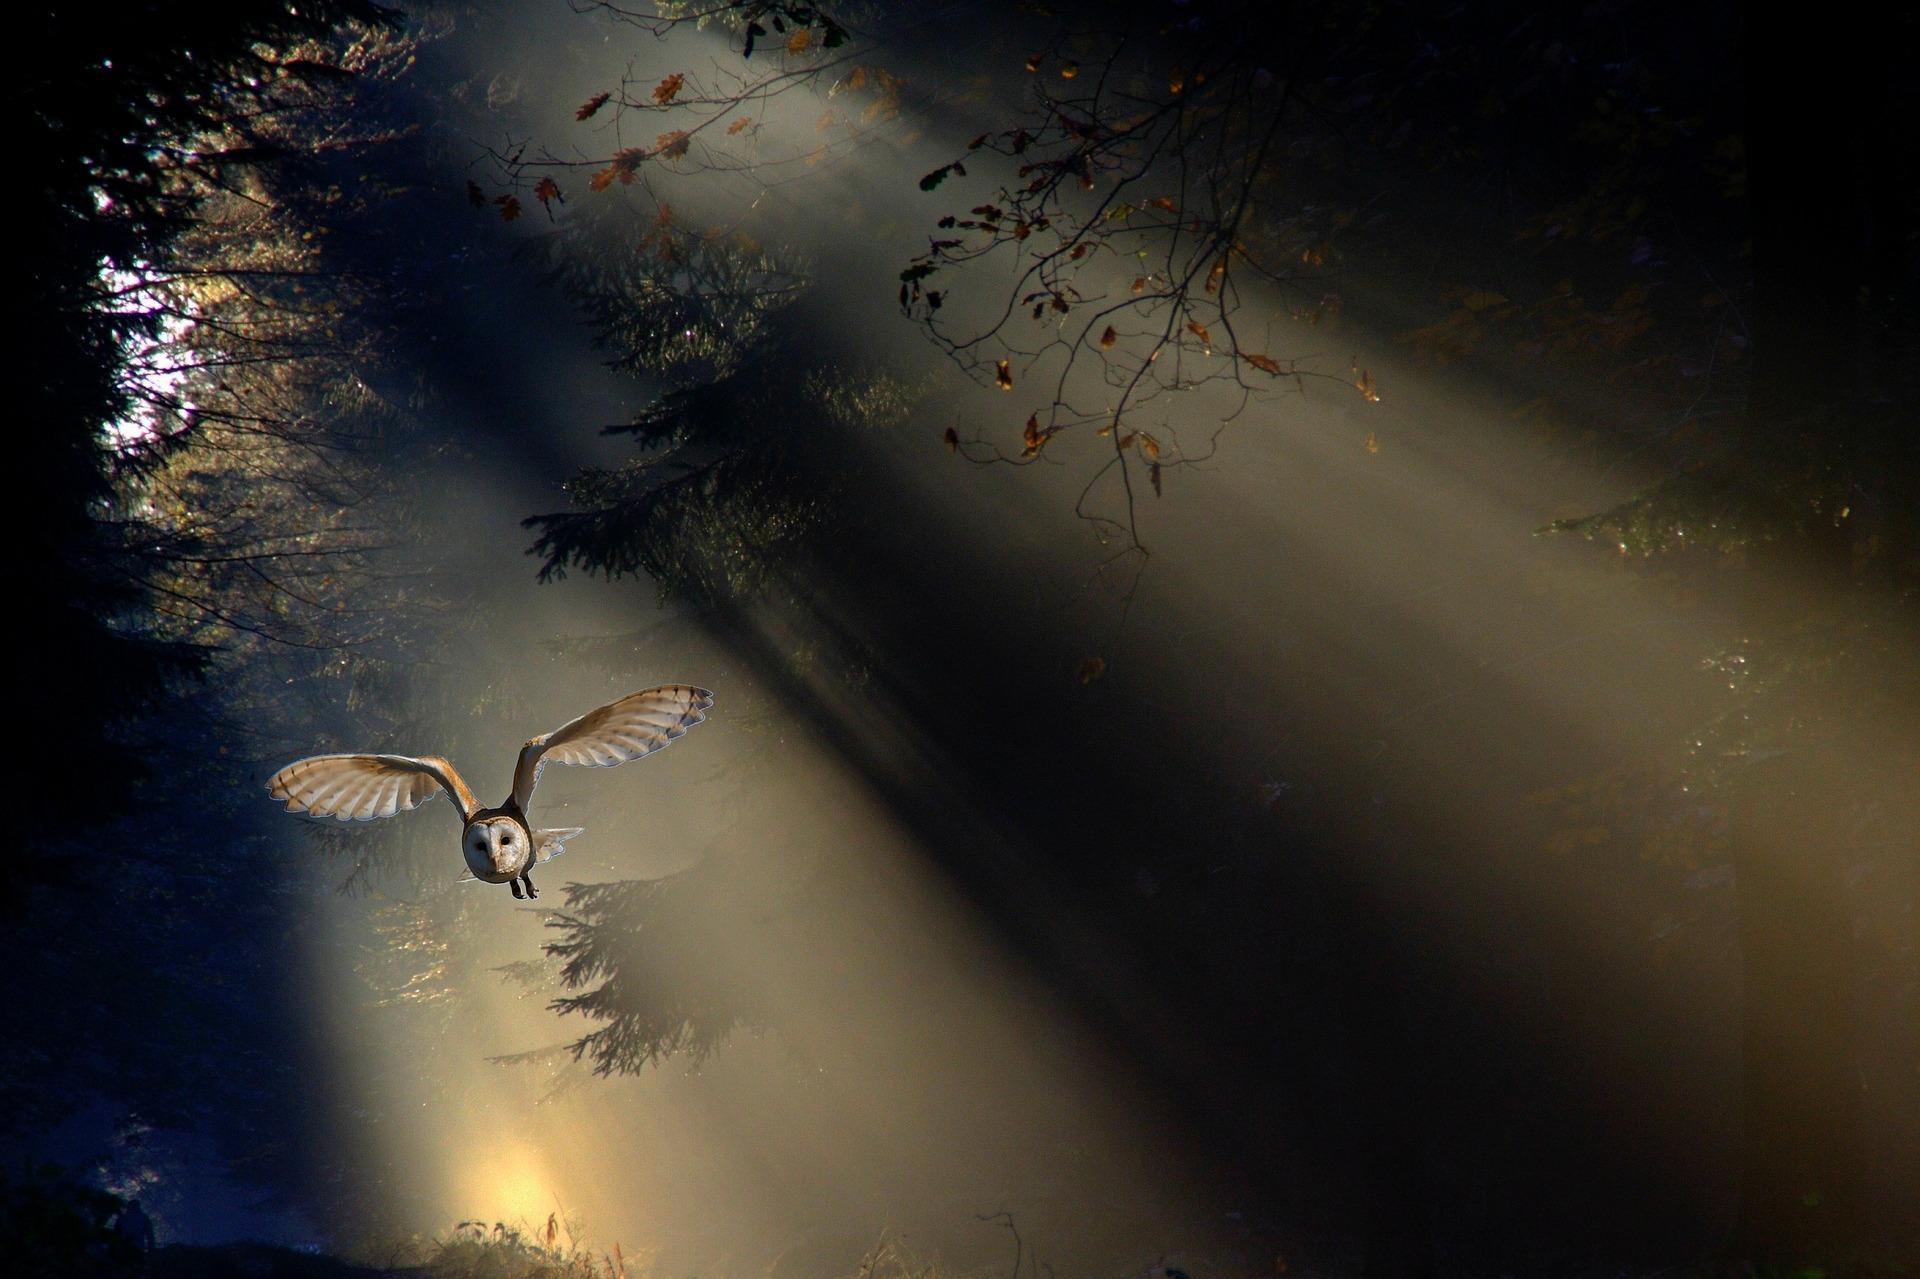 Sova pálená v letu v letu (zdroj: pixabay.com)